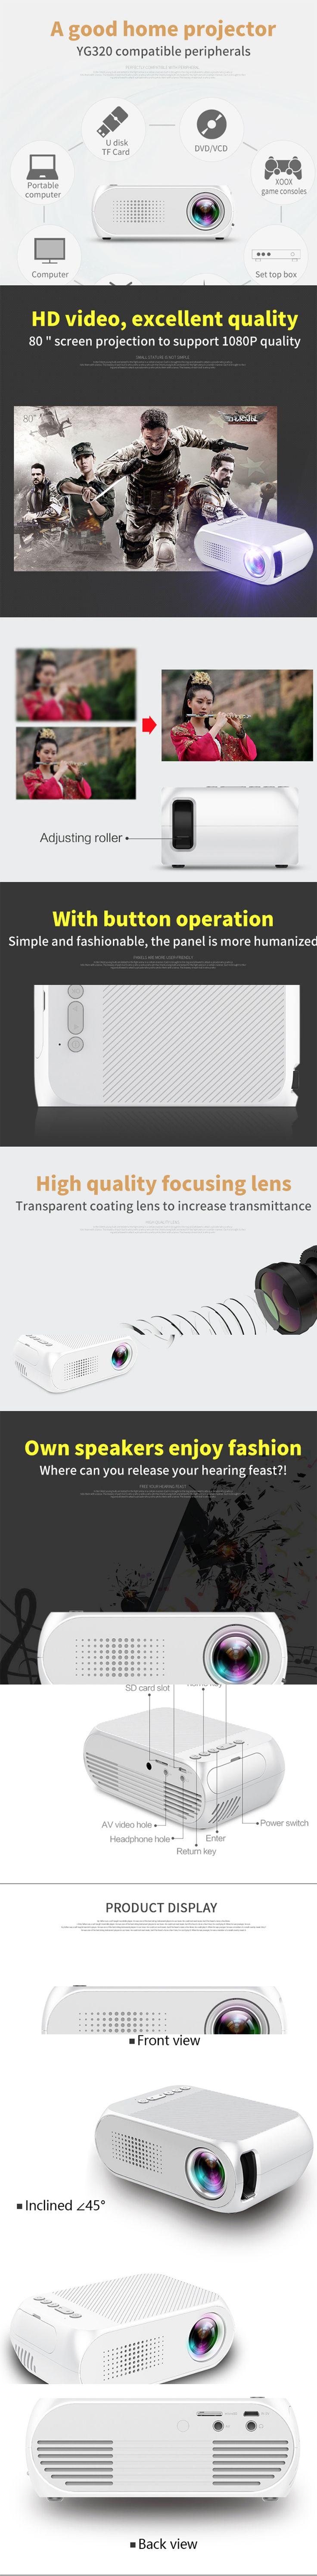 Proyector LCD portátil YG320, soporte de video HD para cine en casa / juegos / TV - Negro (enchufe de la UE) Entrega en la UE #gadgets #technology